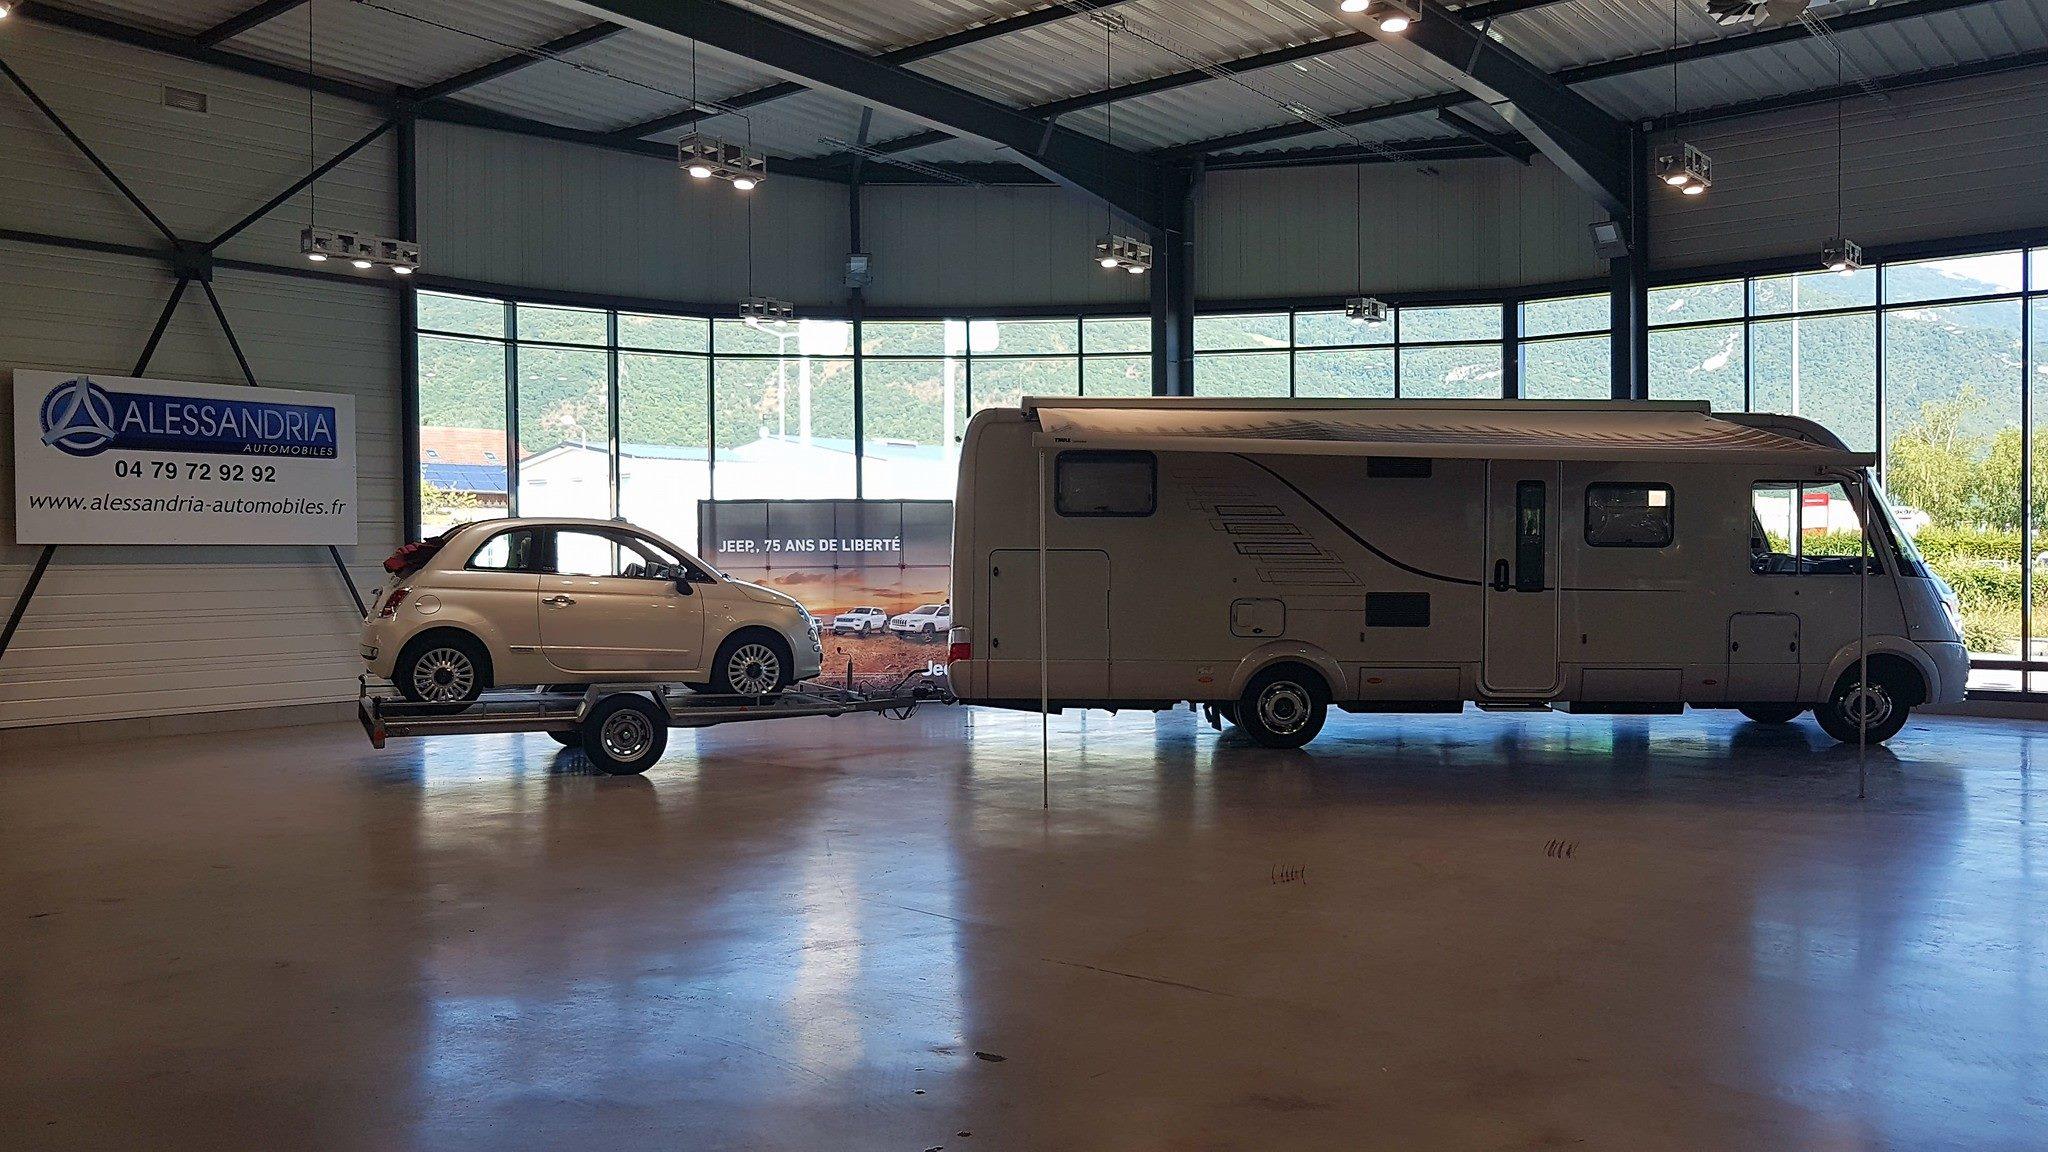 hymer s 840 occasion porteur mercedes camping car vendre en savoie 73 ref 96570 net. Black Bedroom Furniture Sets. Home Design Ideas